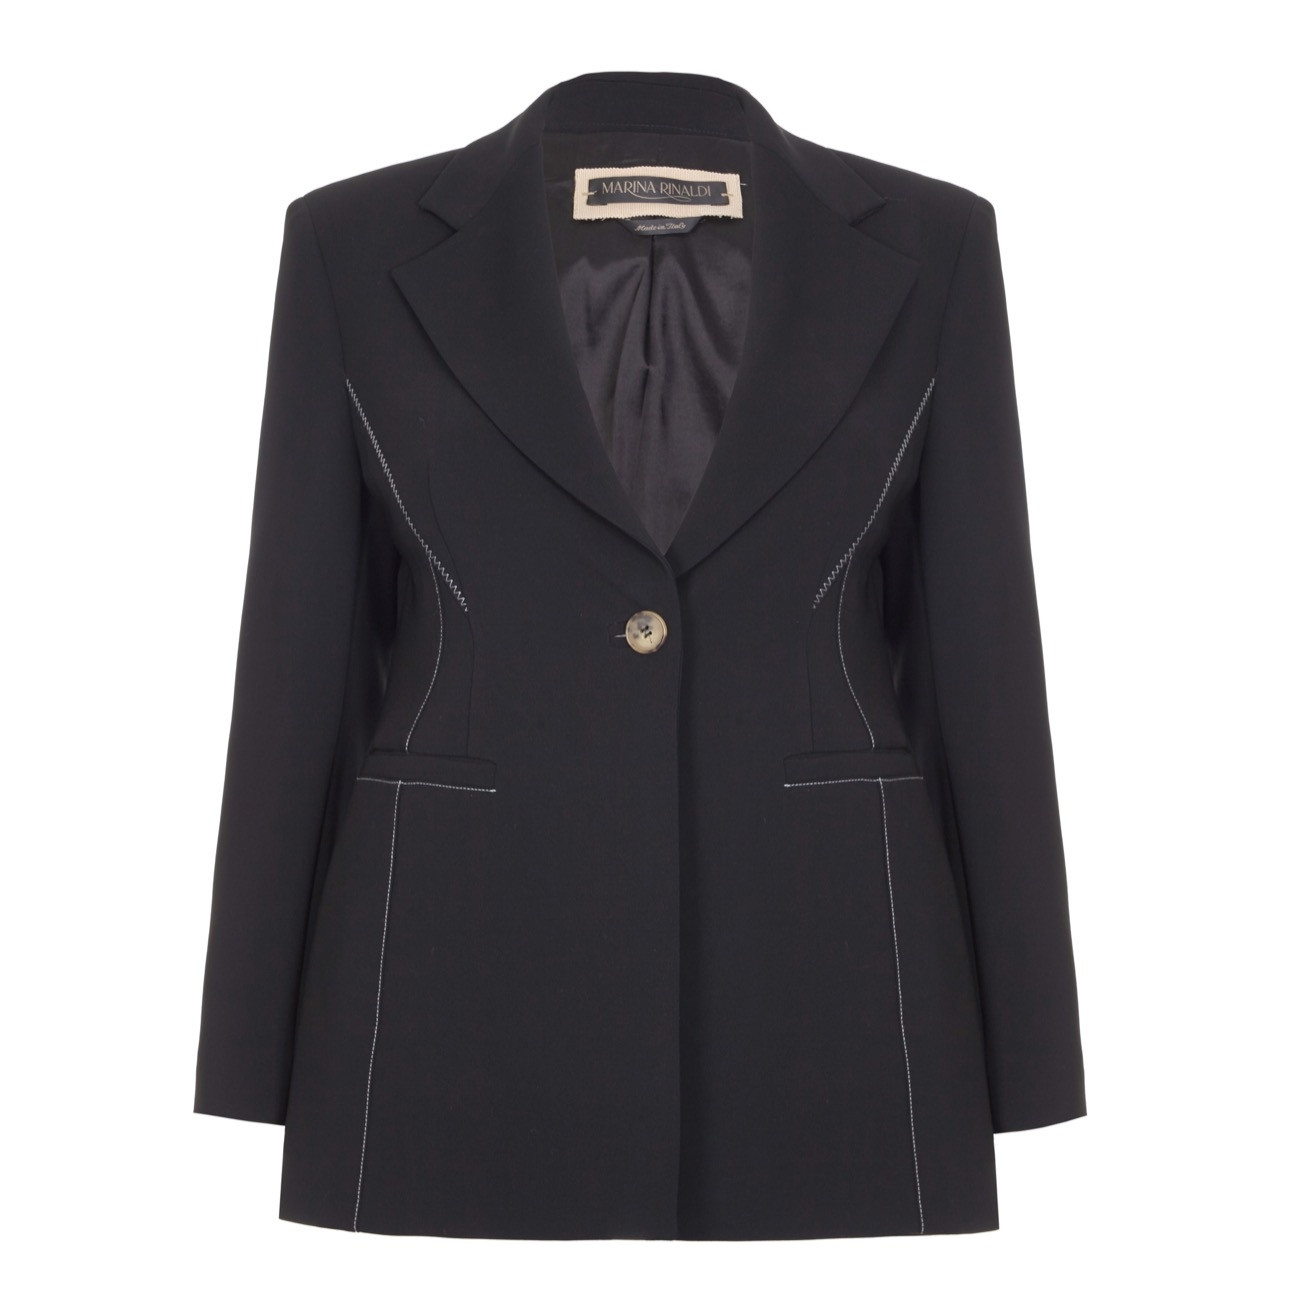 Marina-Rinaldi-Jacket-Carato-75-